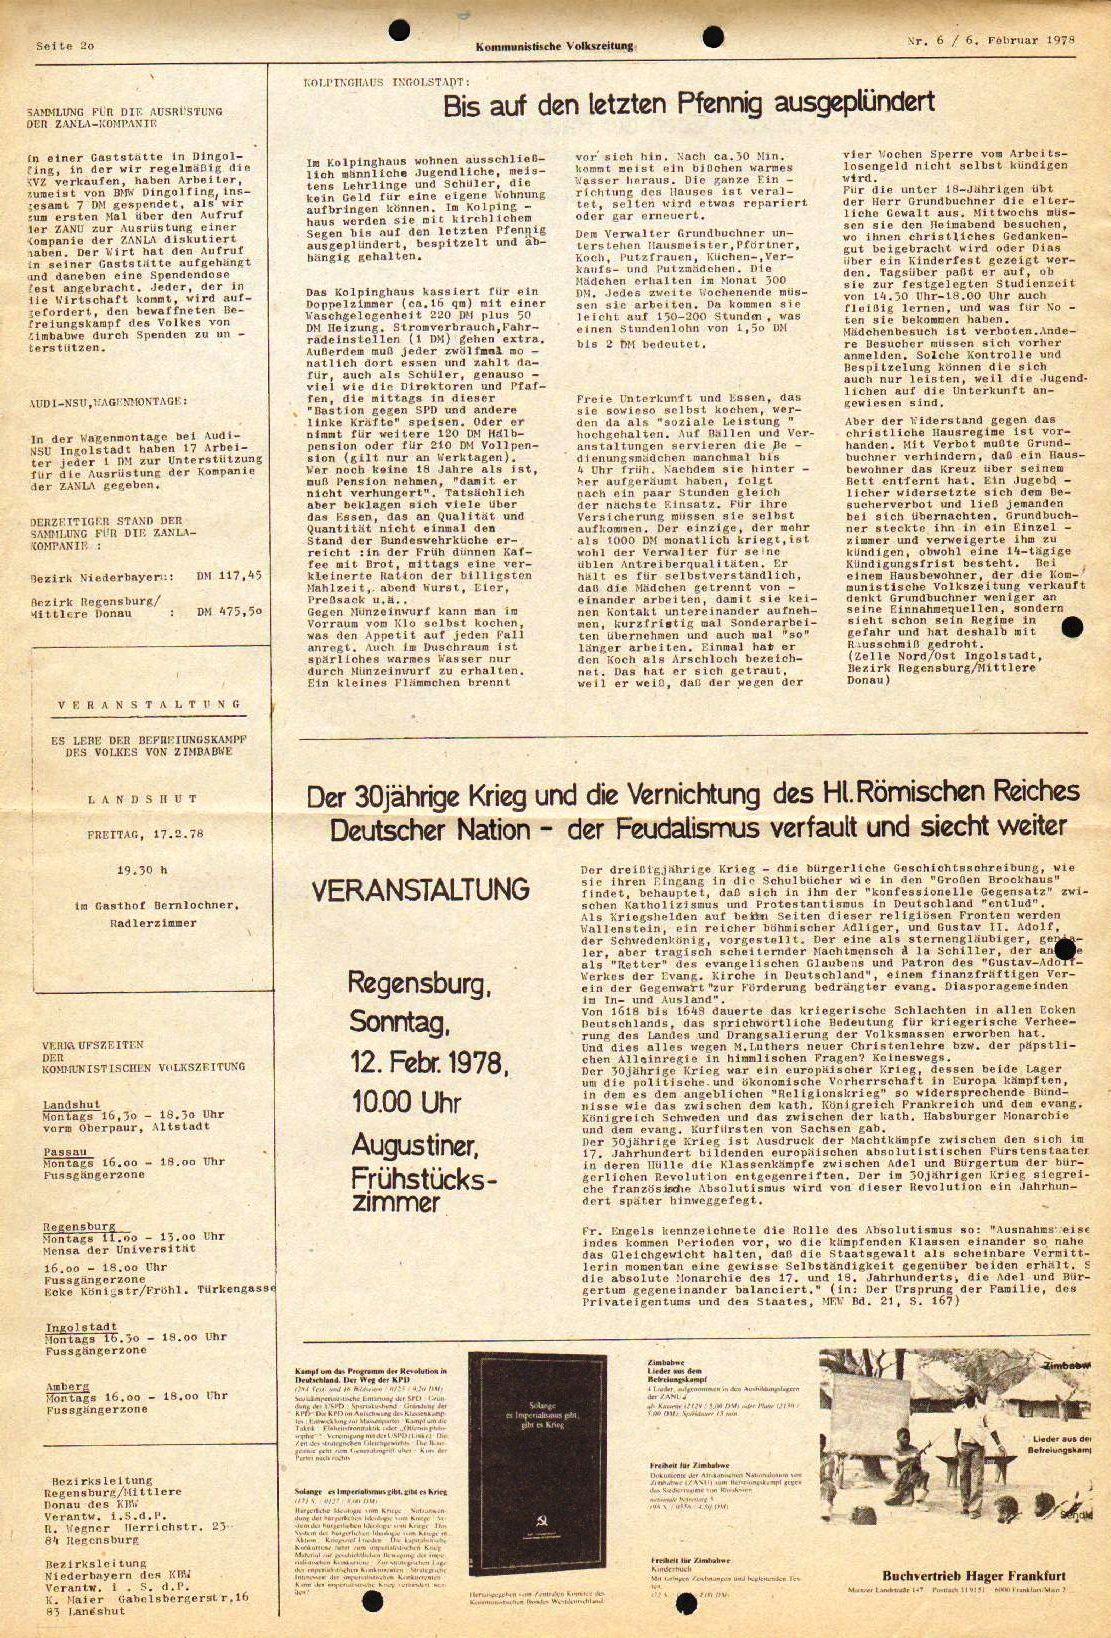 KVZ_Regensburg022